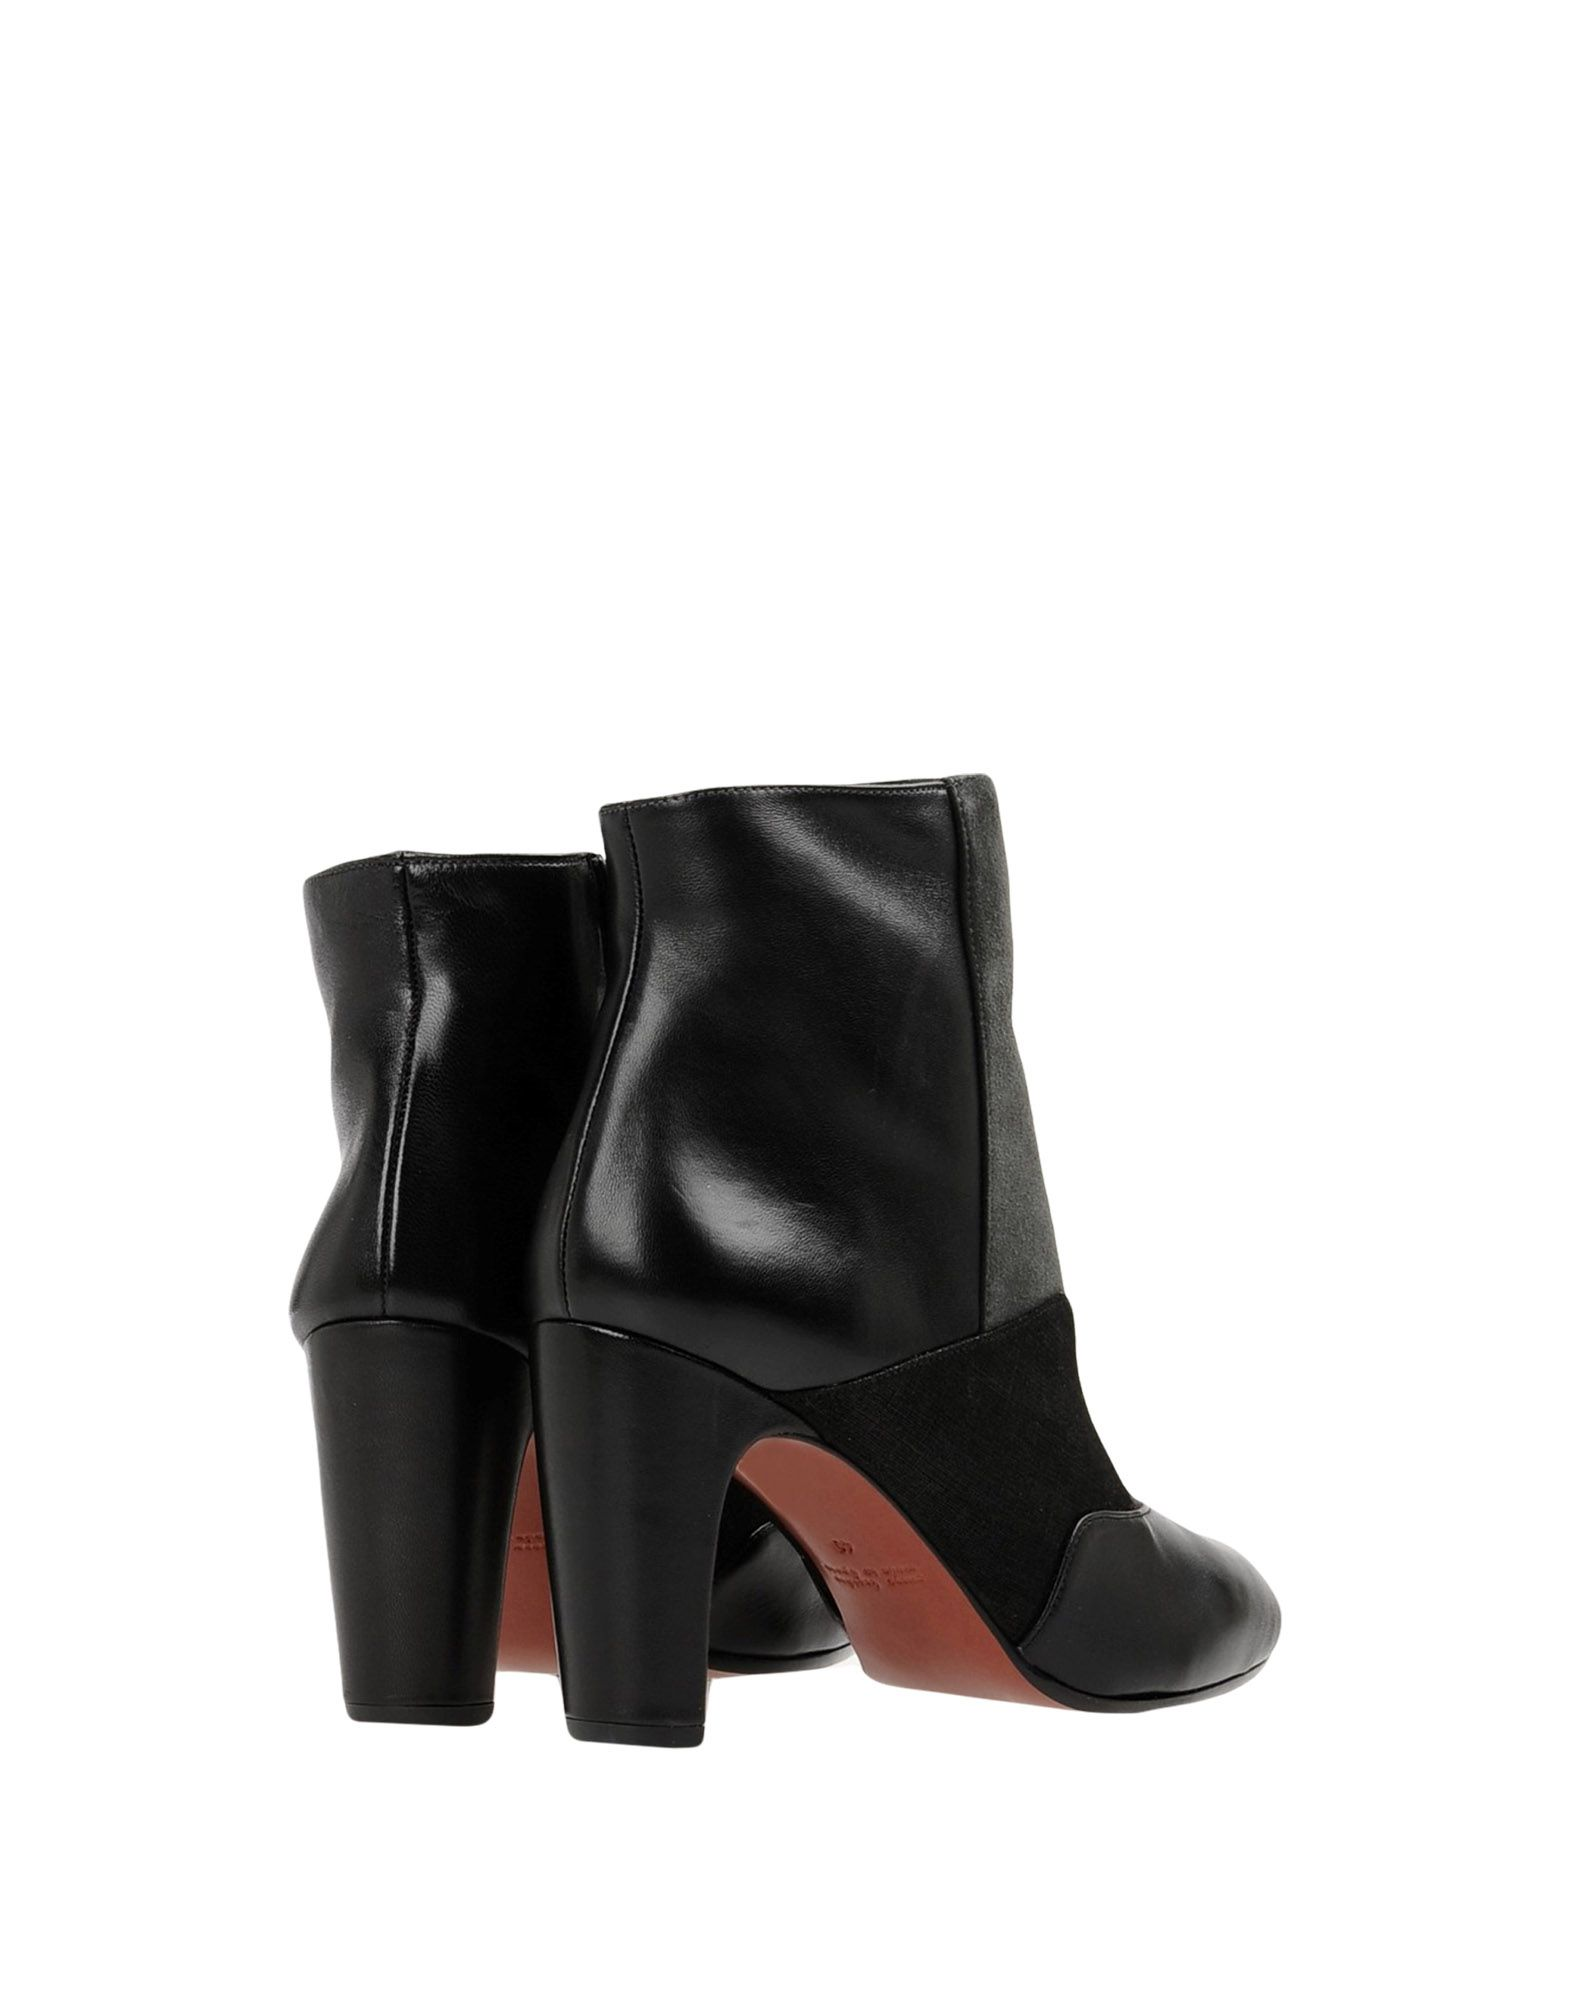 Chie Mihara Stiefelette Damen strapazierfähige  11350615PQGut aussehende strapazierfähige Damen Schuhe 345048